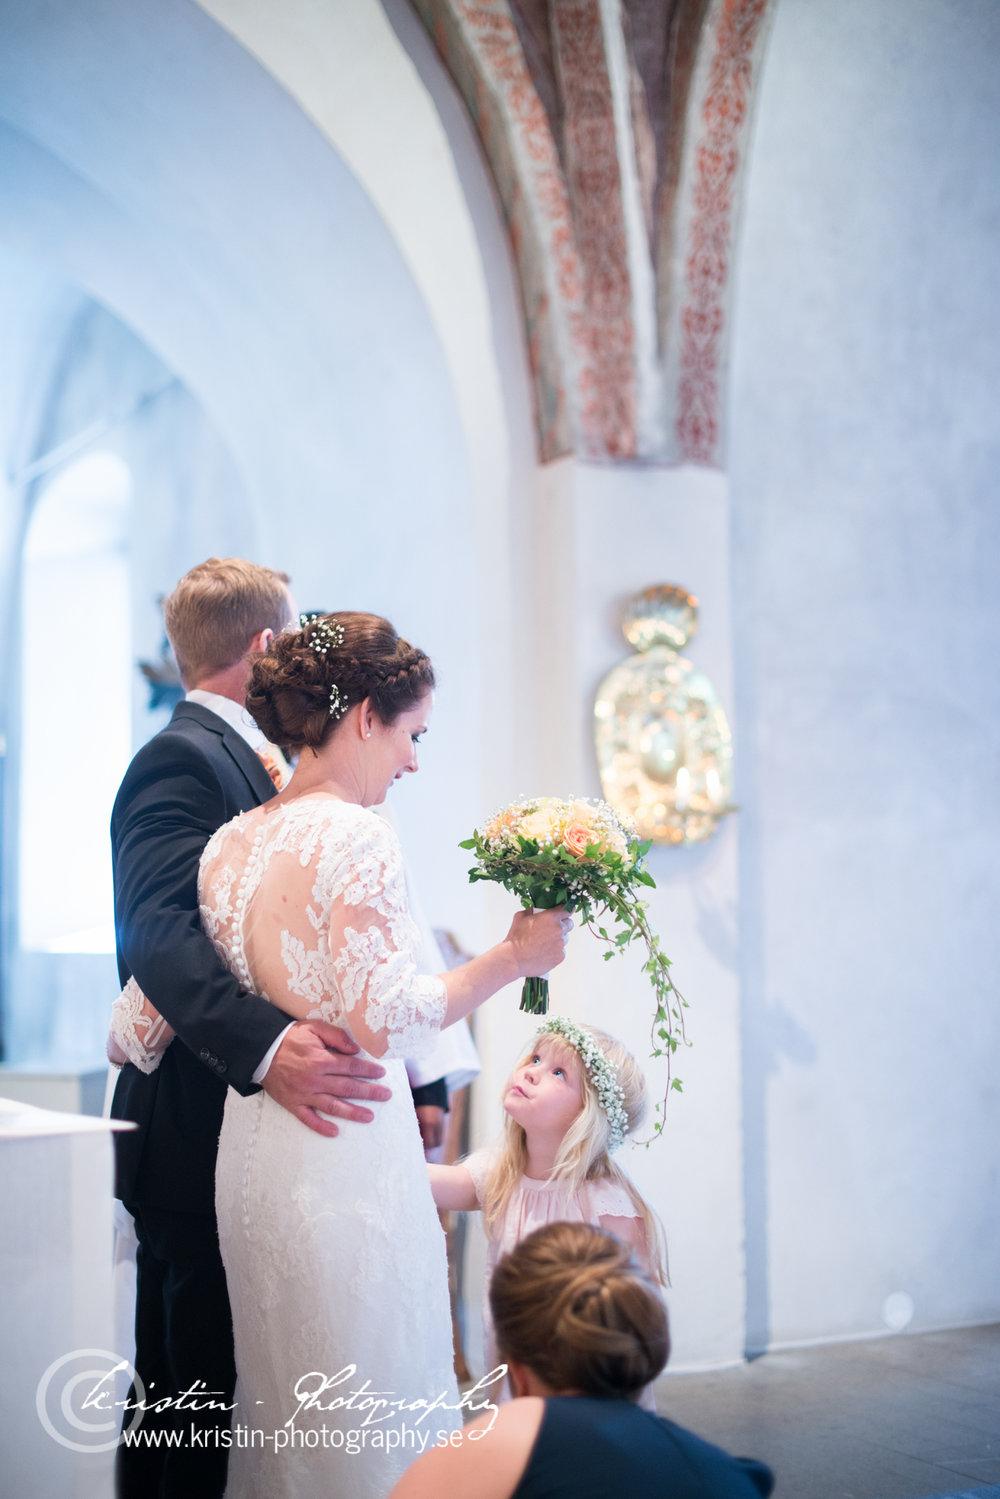 Bröllopsfotograf i Eskilstuna, Kristin - Photography, weddingphotographer -145.jpg